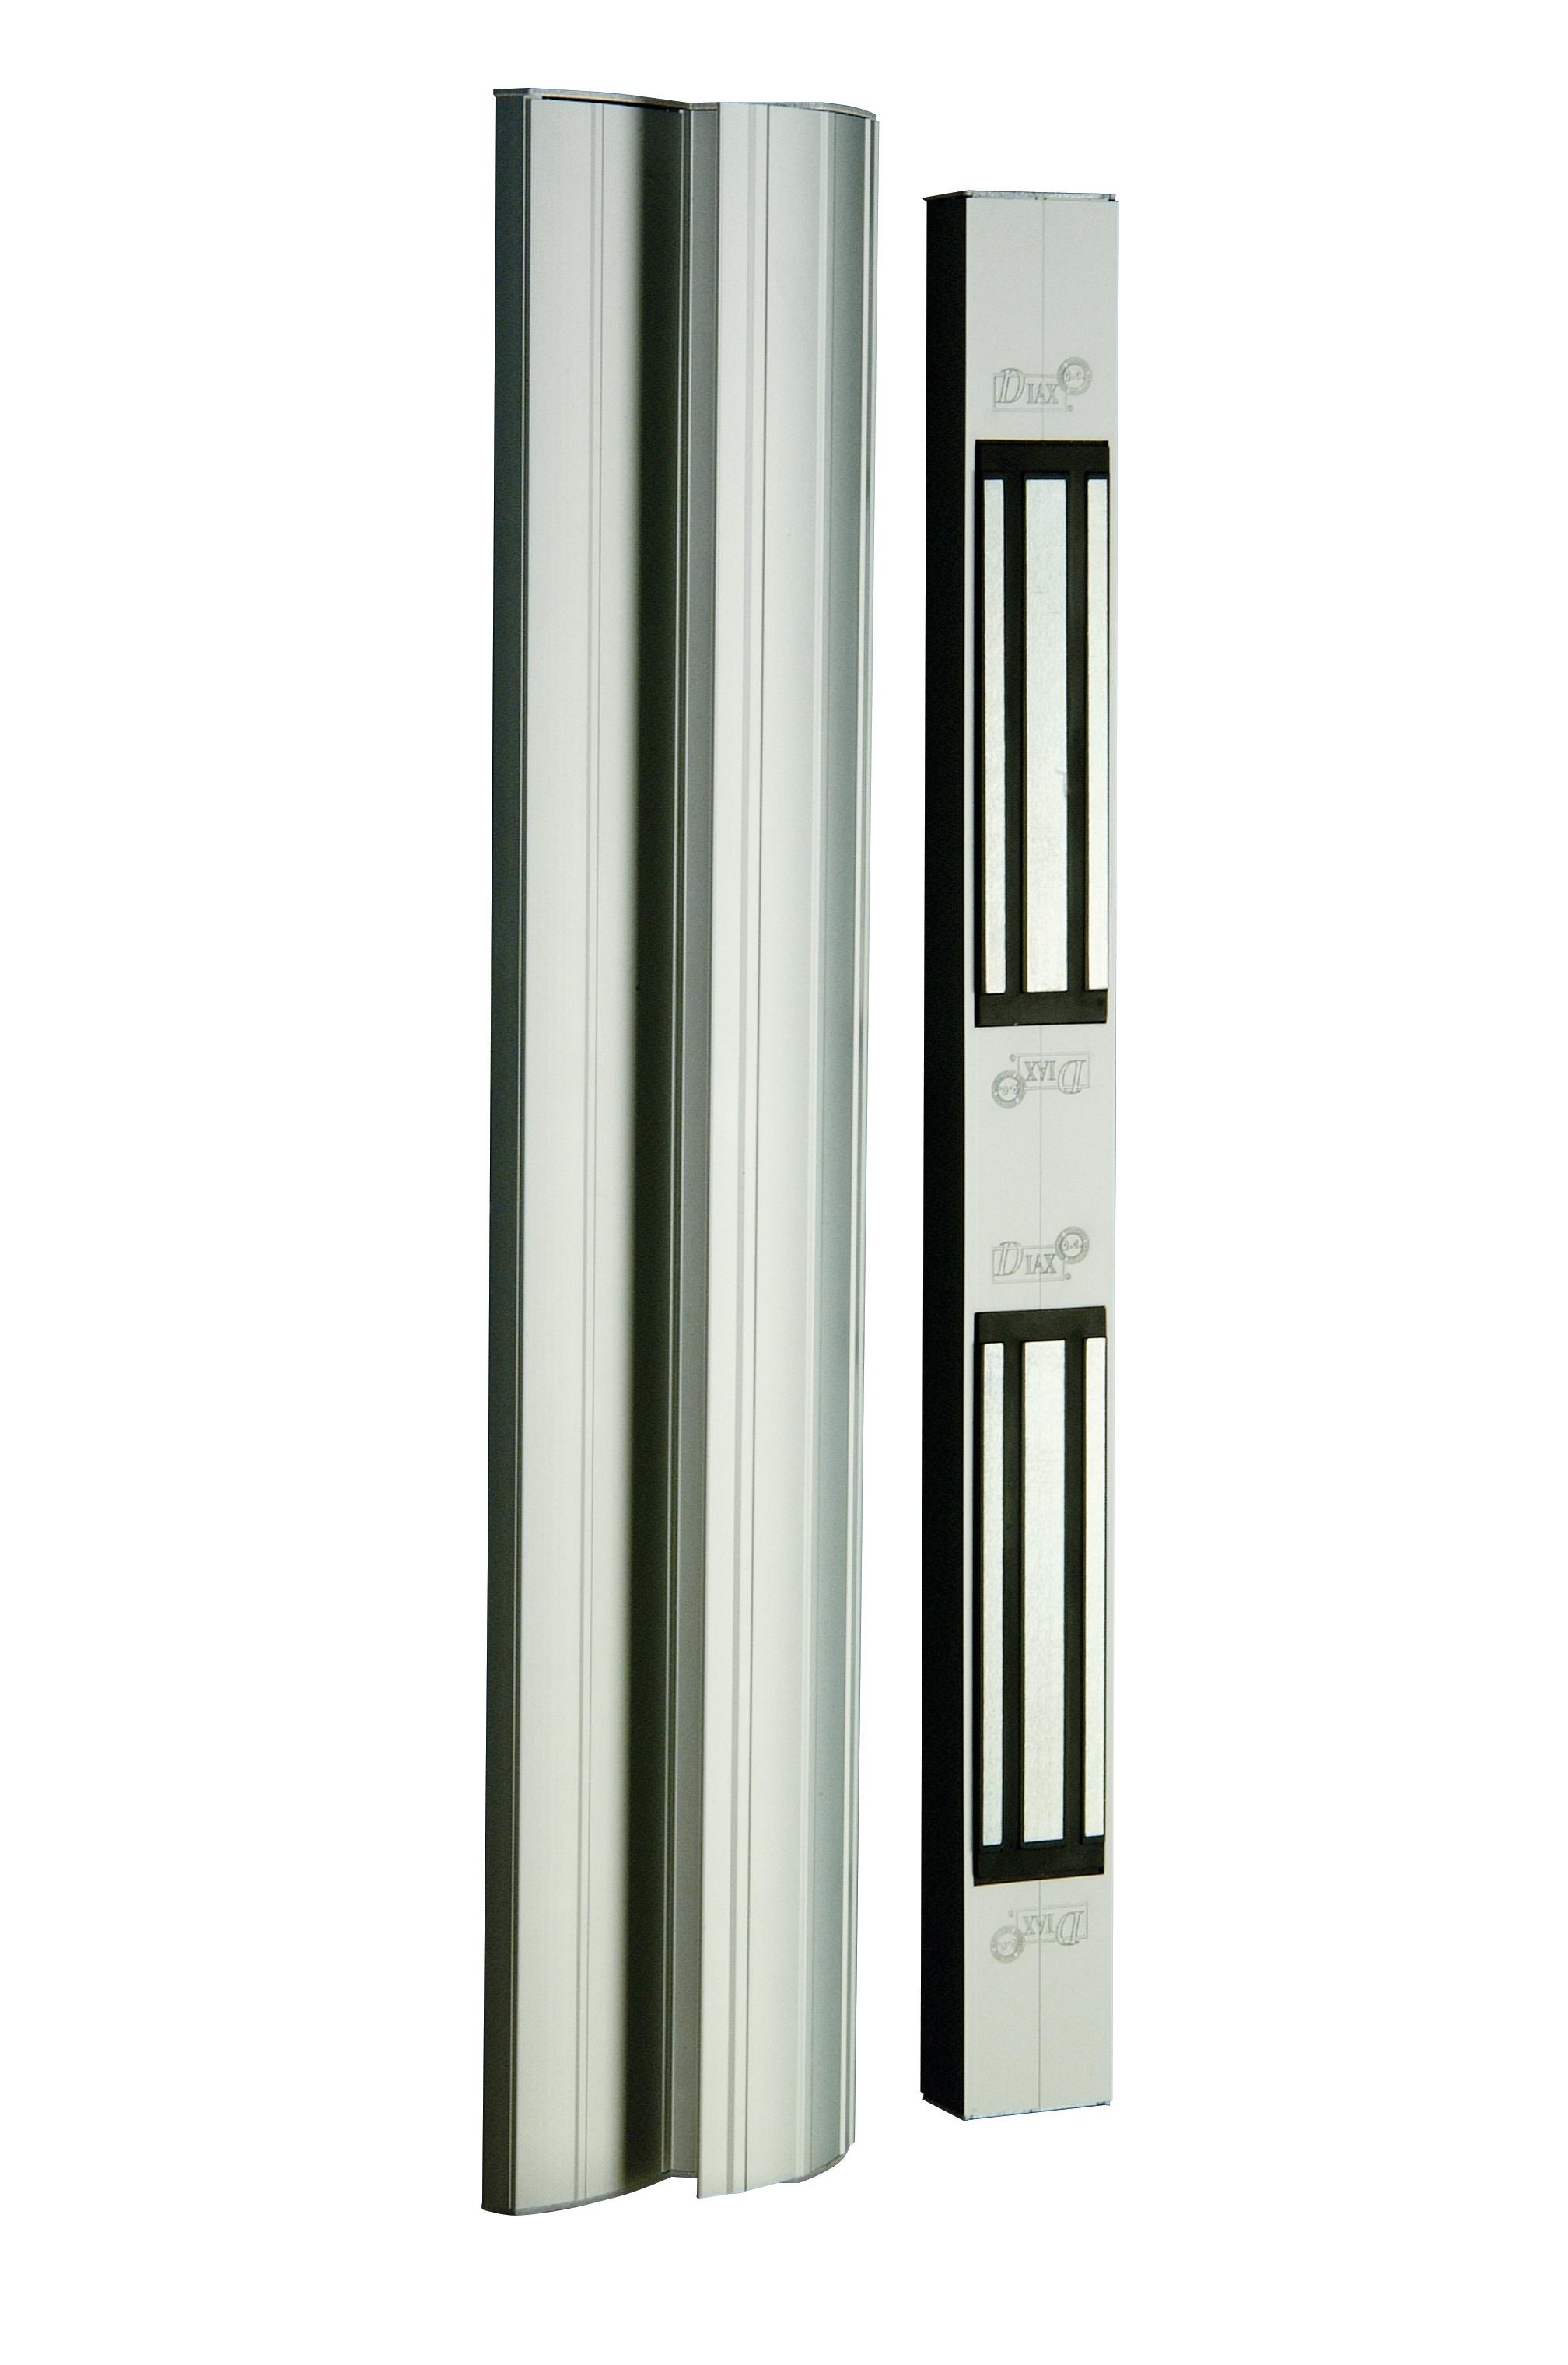 bandeaux aluminium bandeaux verrouillage produits pro em. Black Bedroom Furniture Sets. Home Design Ideas